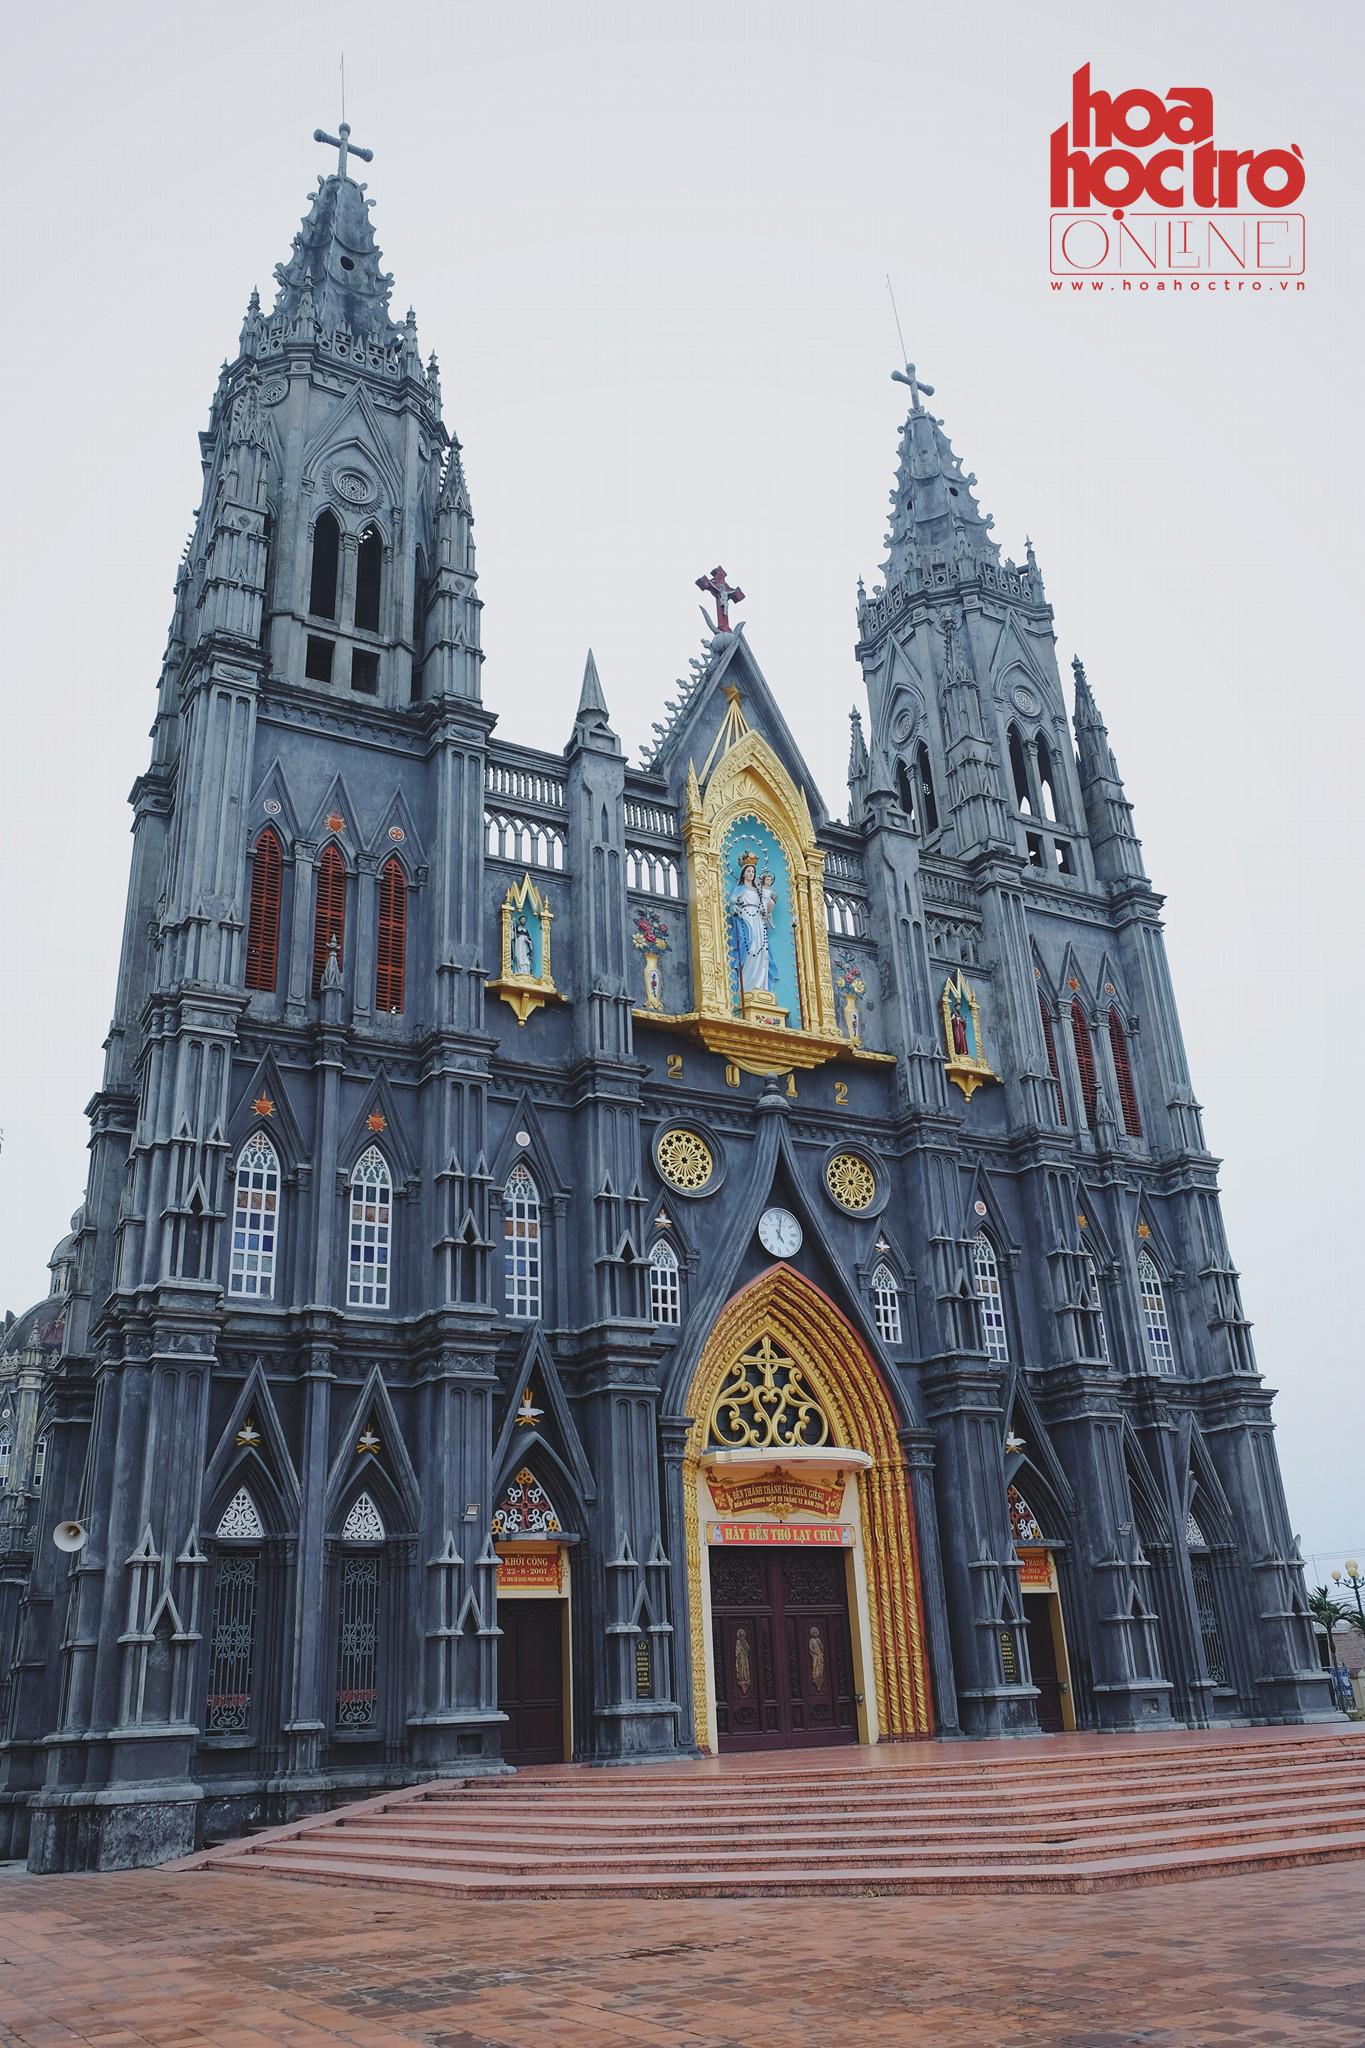 """Mặt trước của nhà thờ Hưng Nghĩa - nơi được giới trẻ mệnh danh là """"lâu đài băng giá""""."""